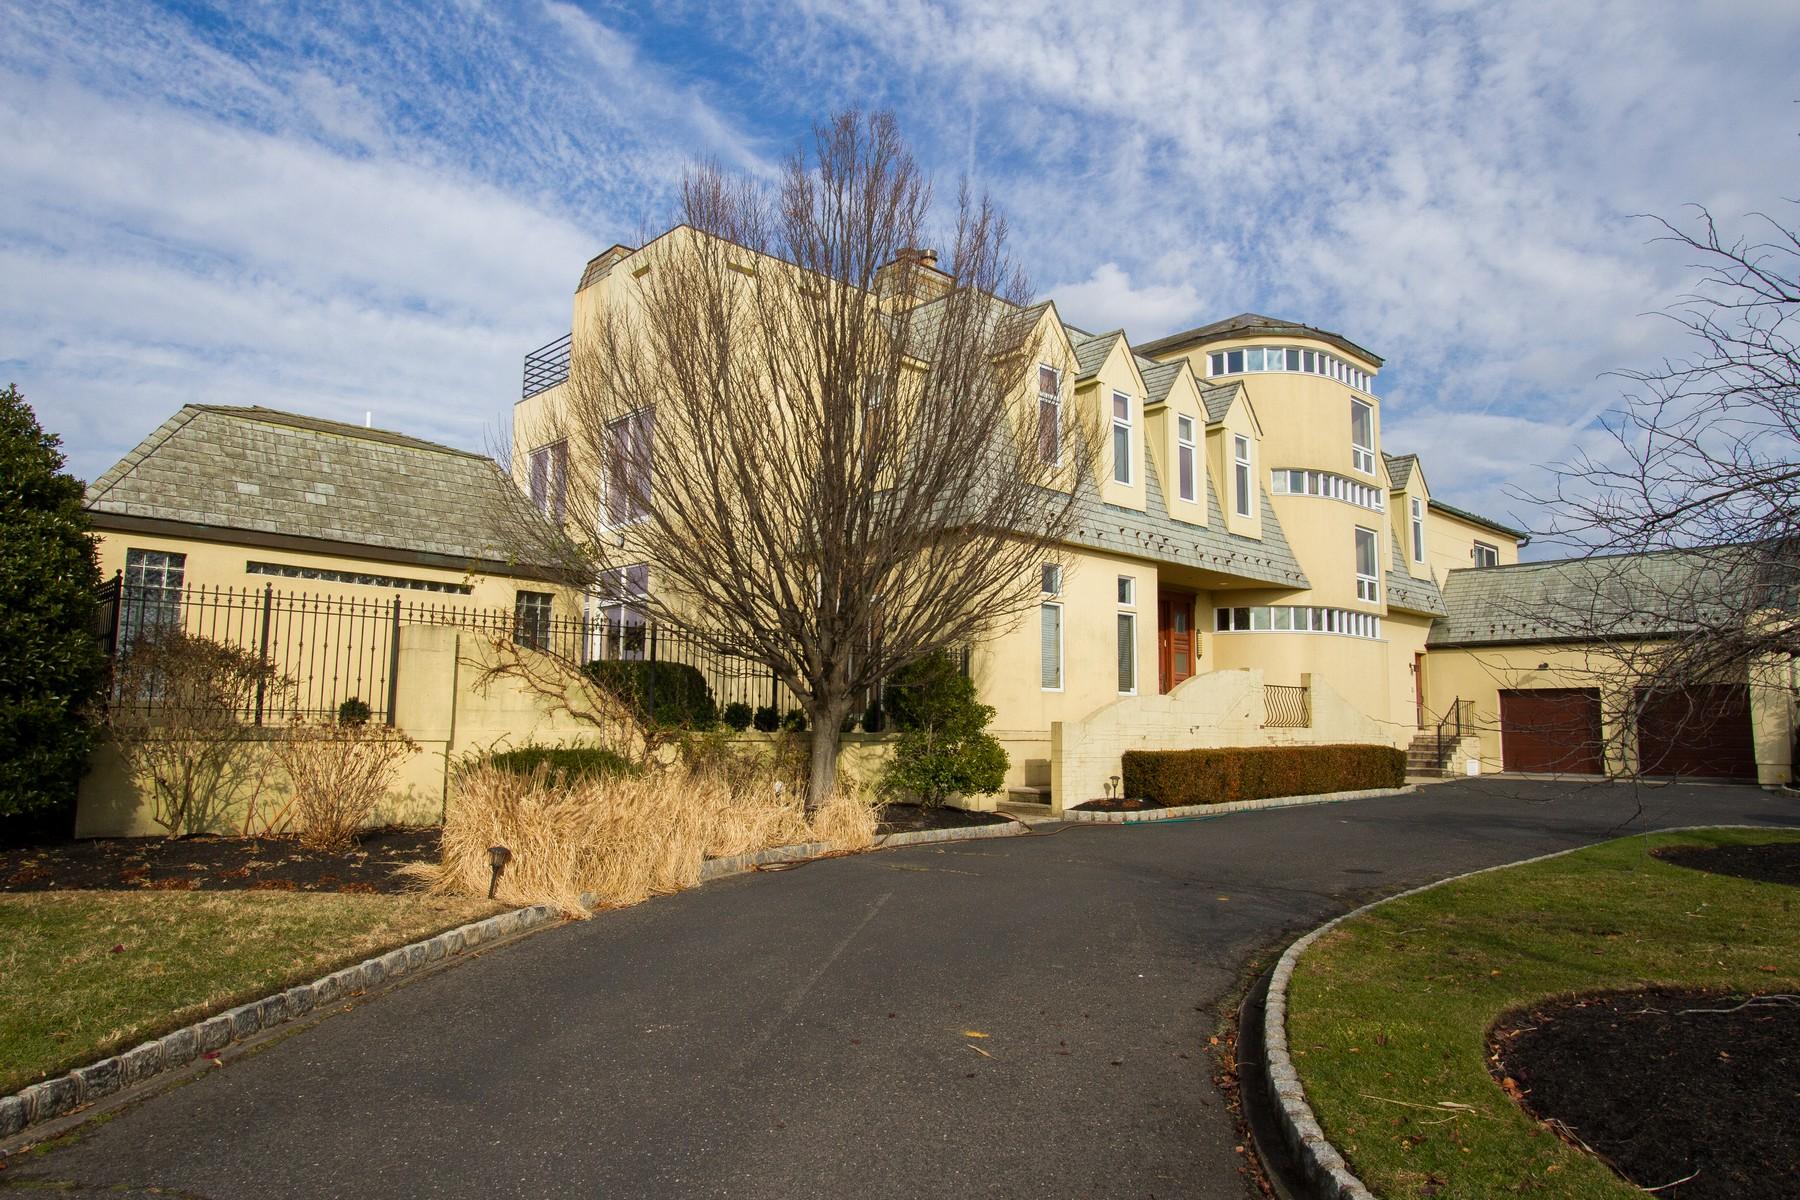 独户住宅 为 销售 在 Every Home is a Masterpiece 35 Highland Avenue 蒙莫斯郡, 新泽西州 07750 美国